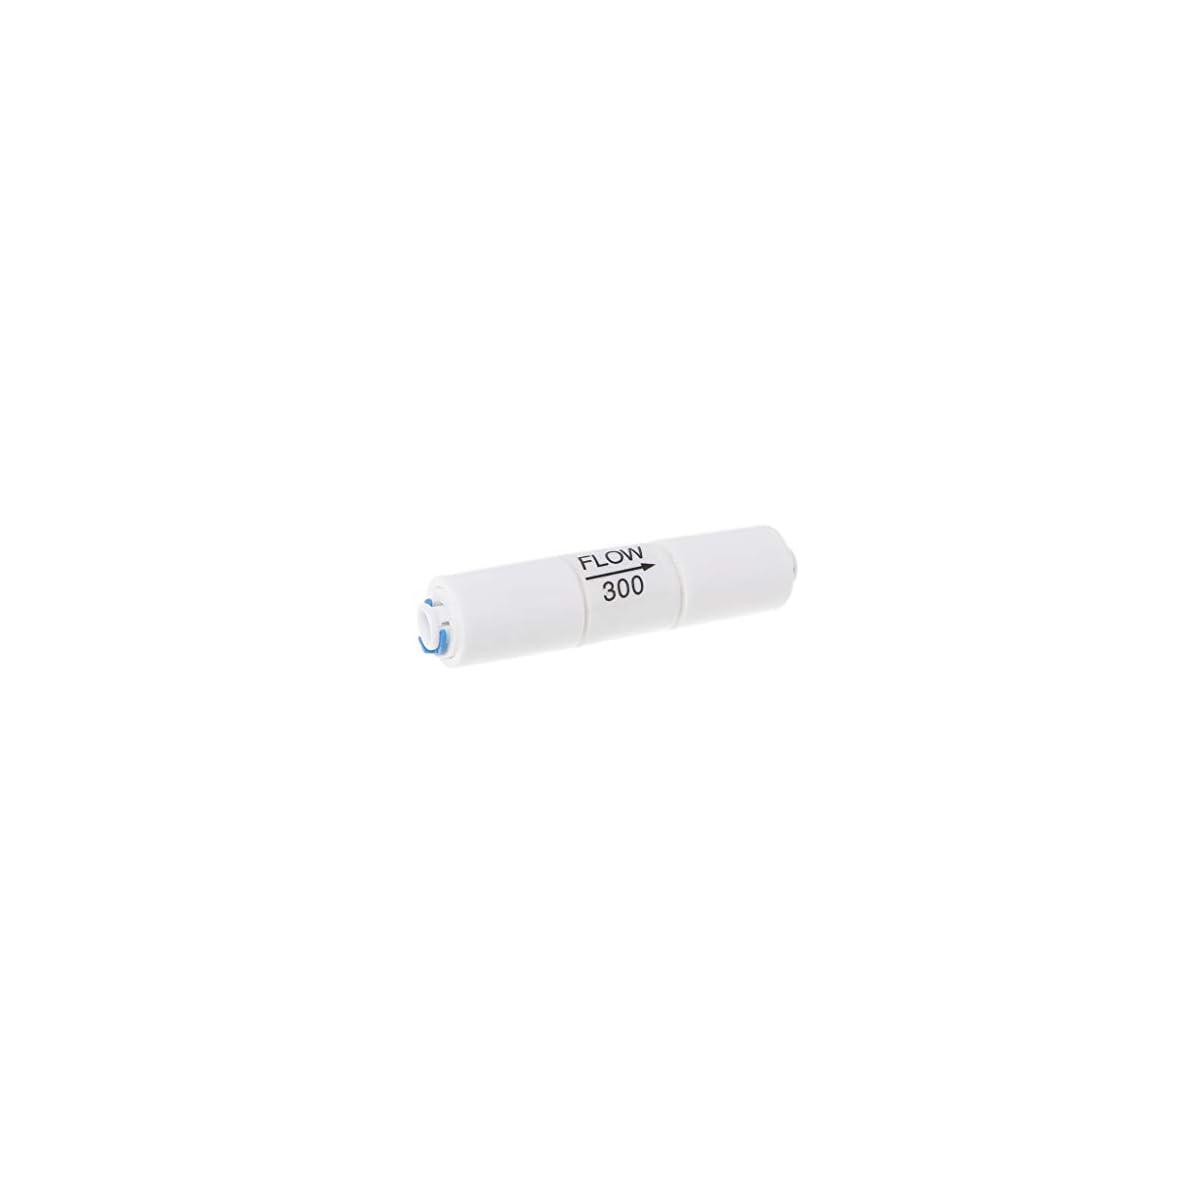 """21hmwaDzrmL. SS1200  - Runrain 300CC limitador de Flujo 1/4"""" Connect para Sistemas de ósmosis inversa RO purificador de Agua tuberías Accesorios"""